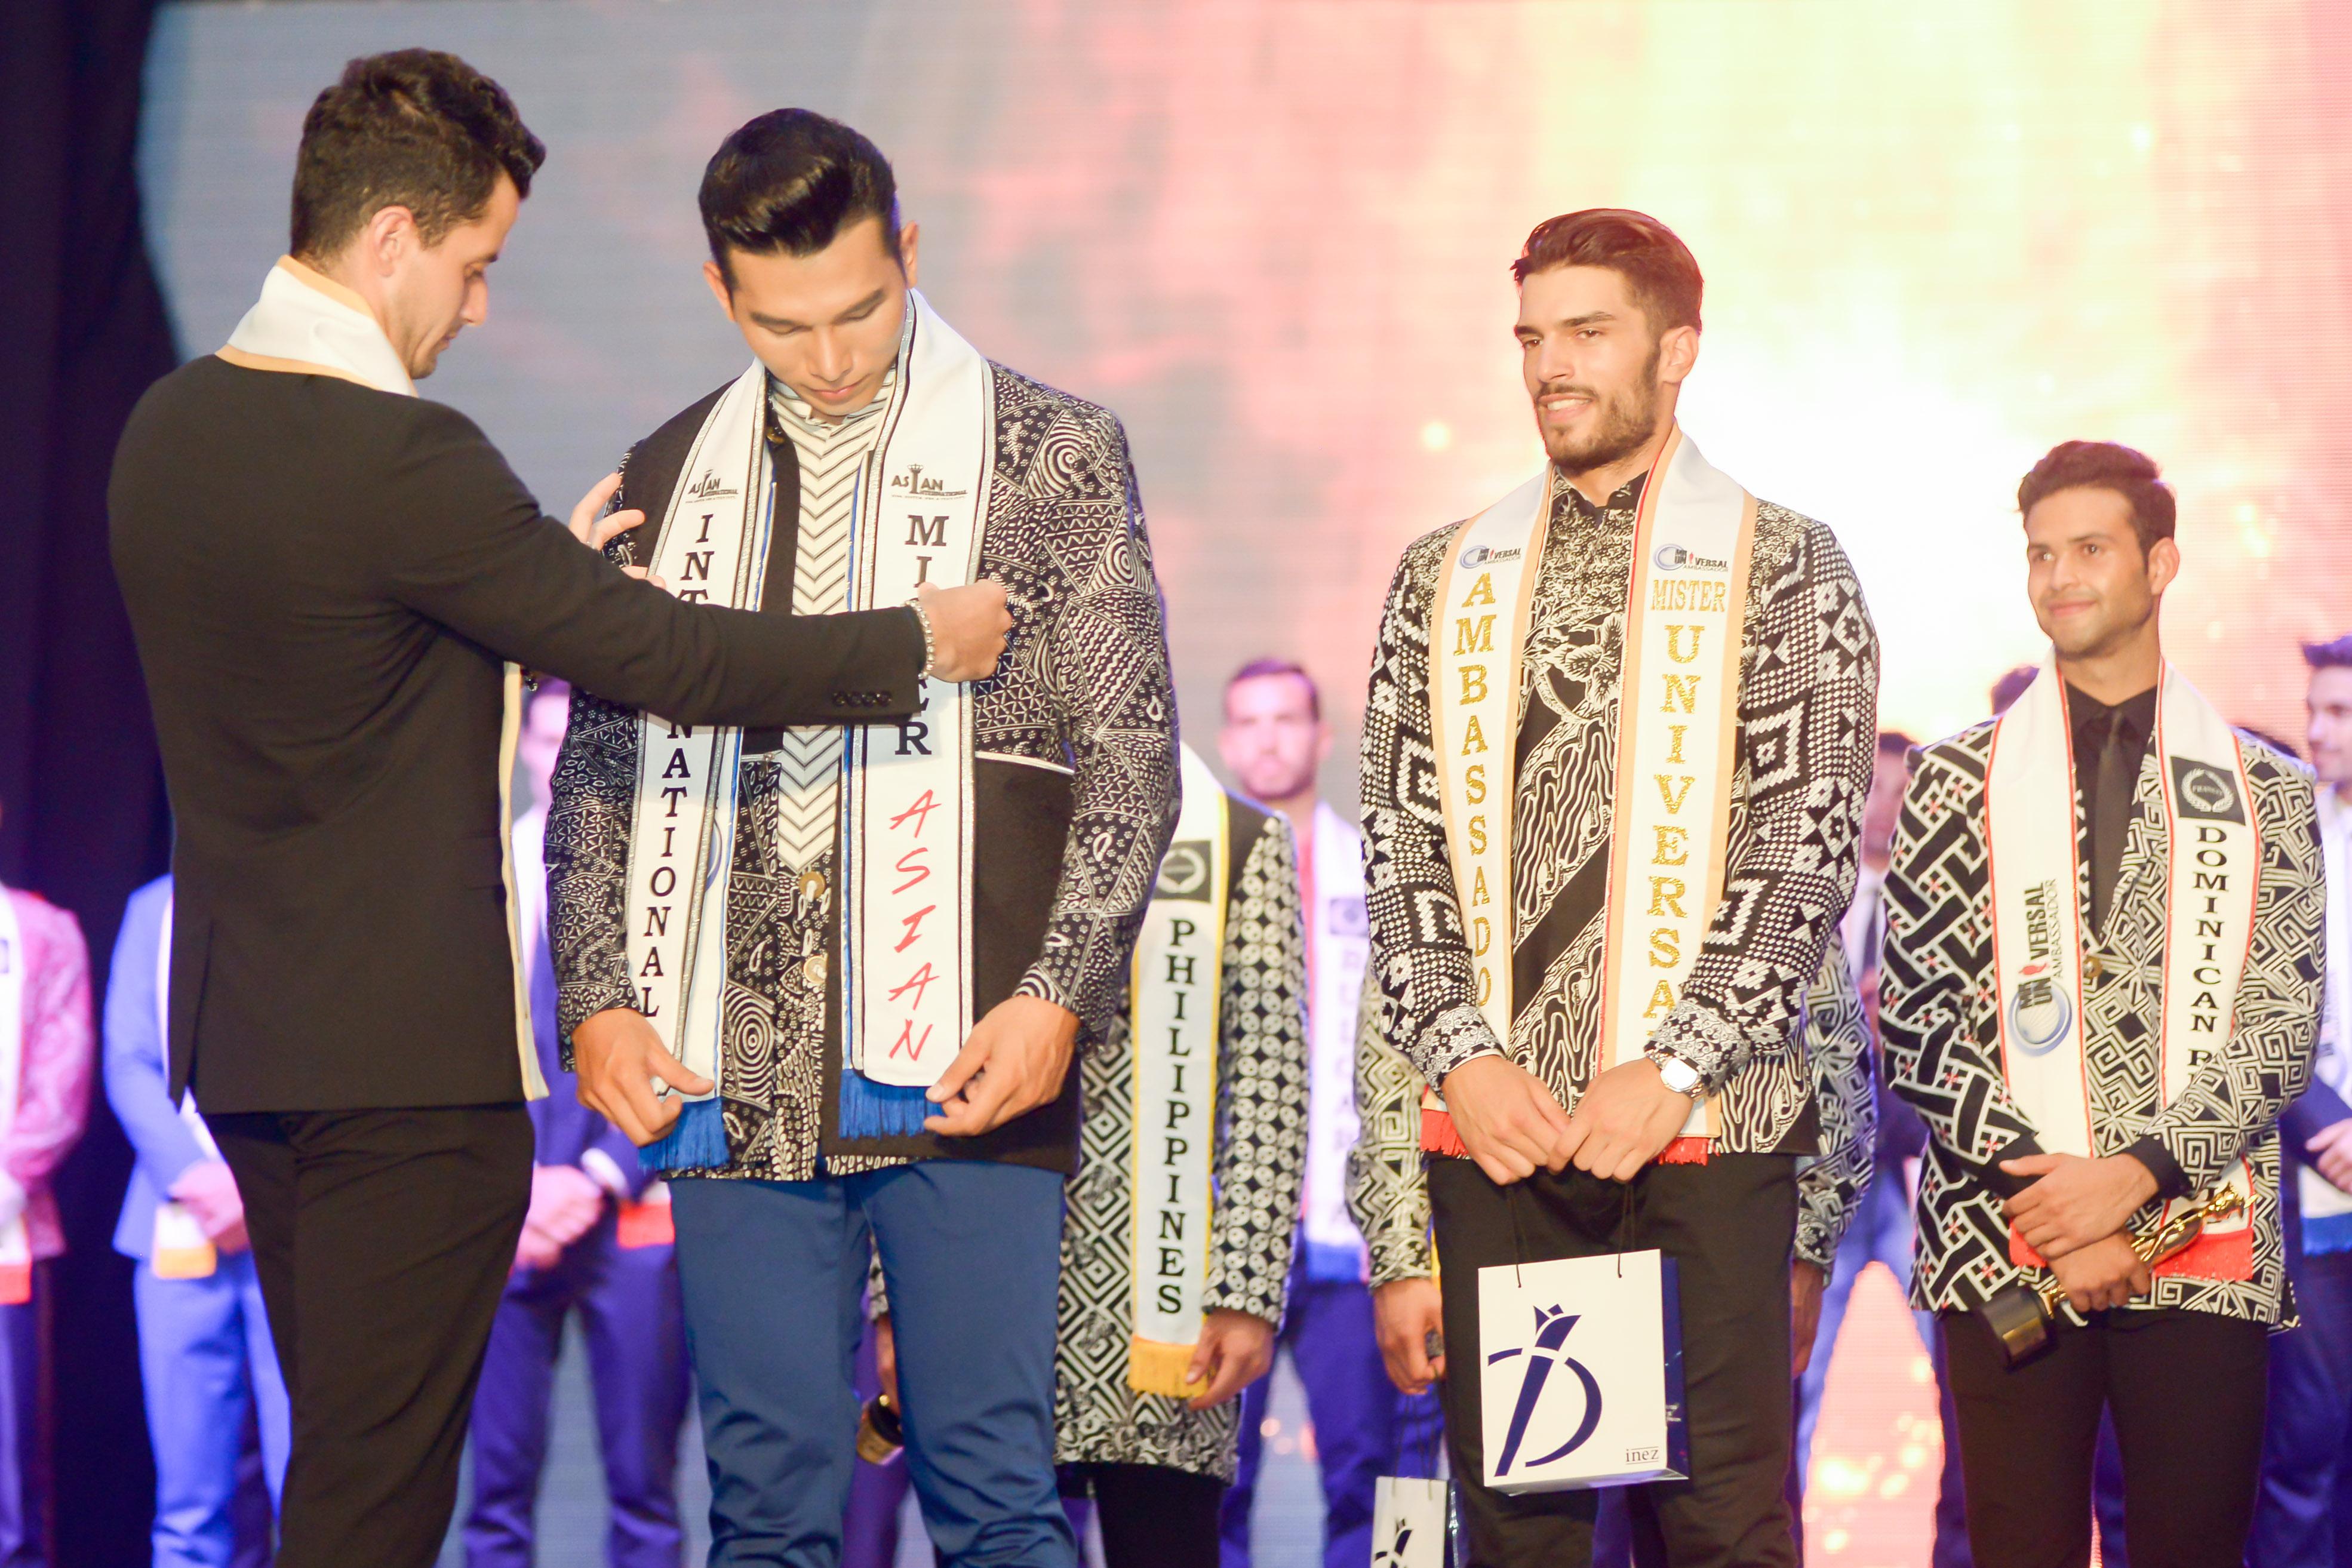 Ngọc Tình giành ngôi Á vương 1 tại Nam vương Đại sứ Hoàn cầu 2016 6